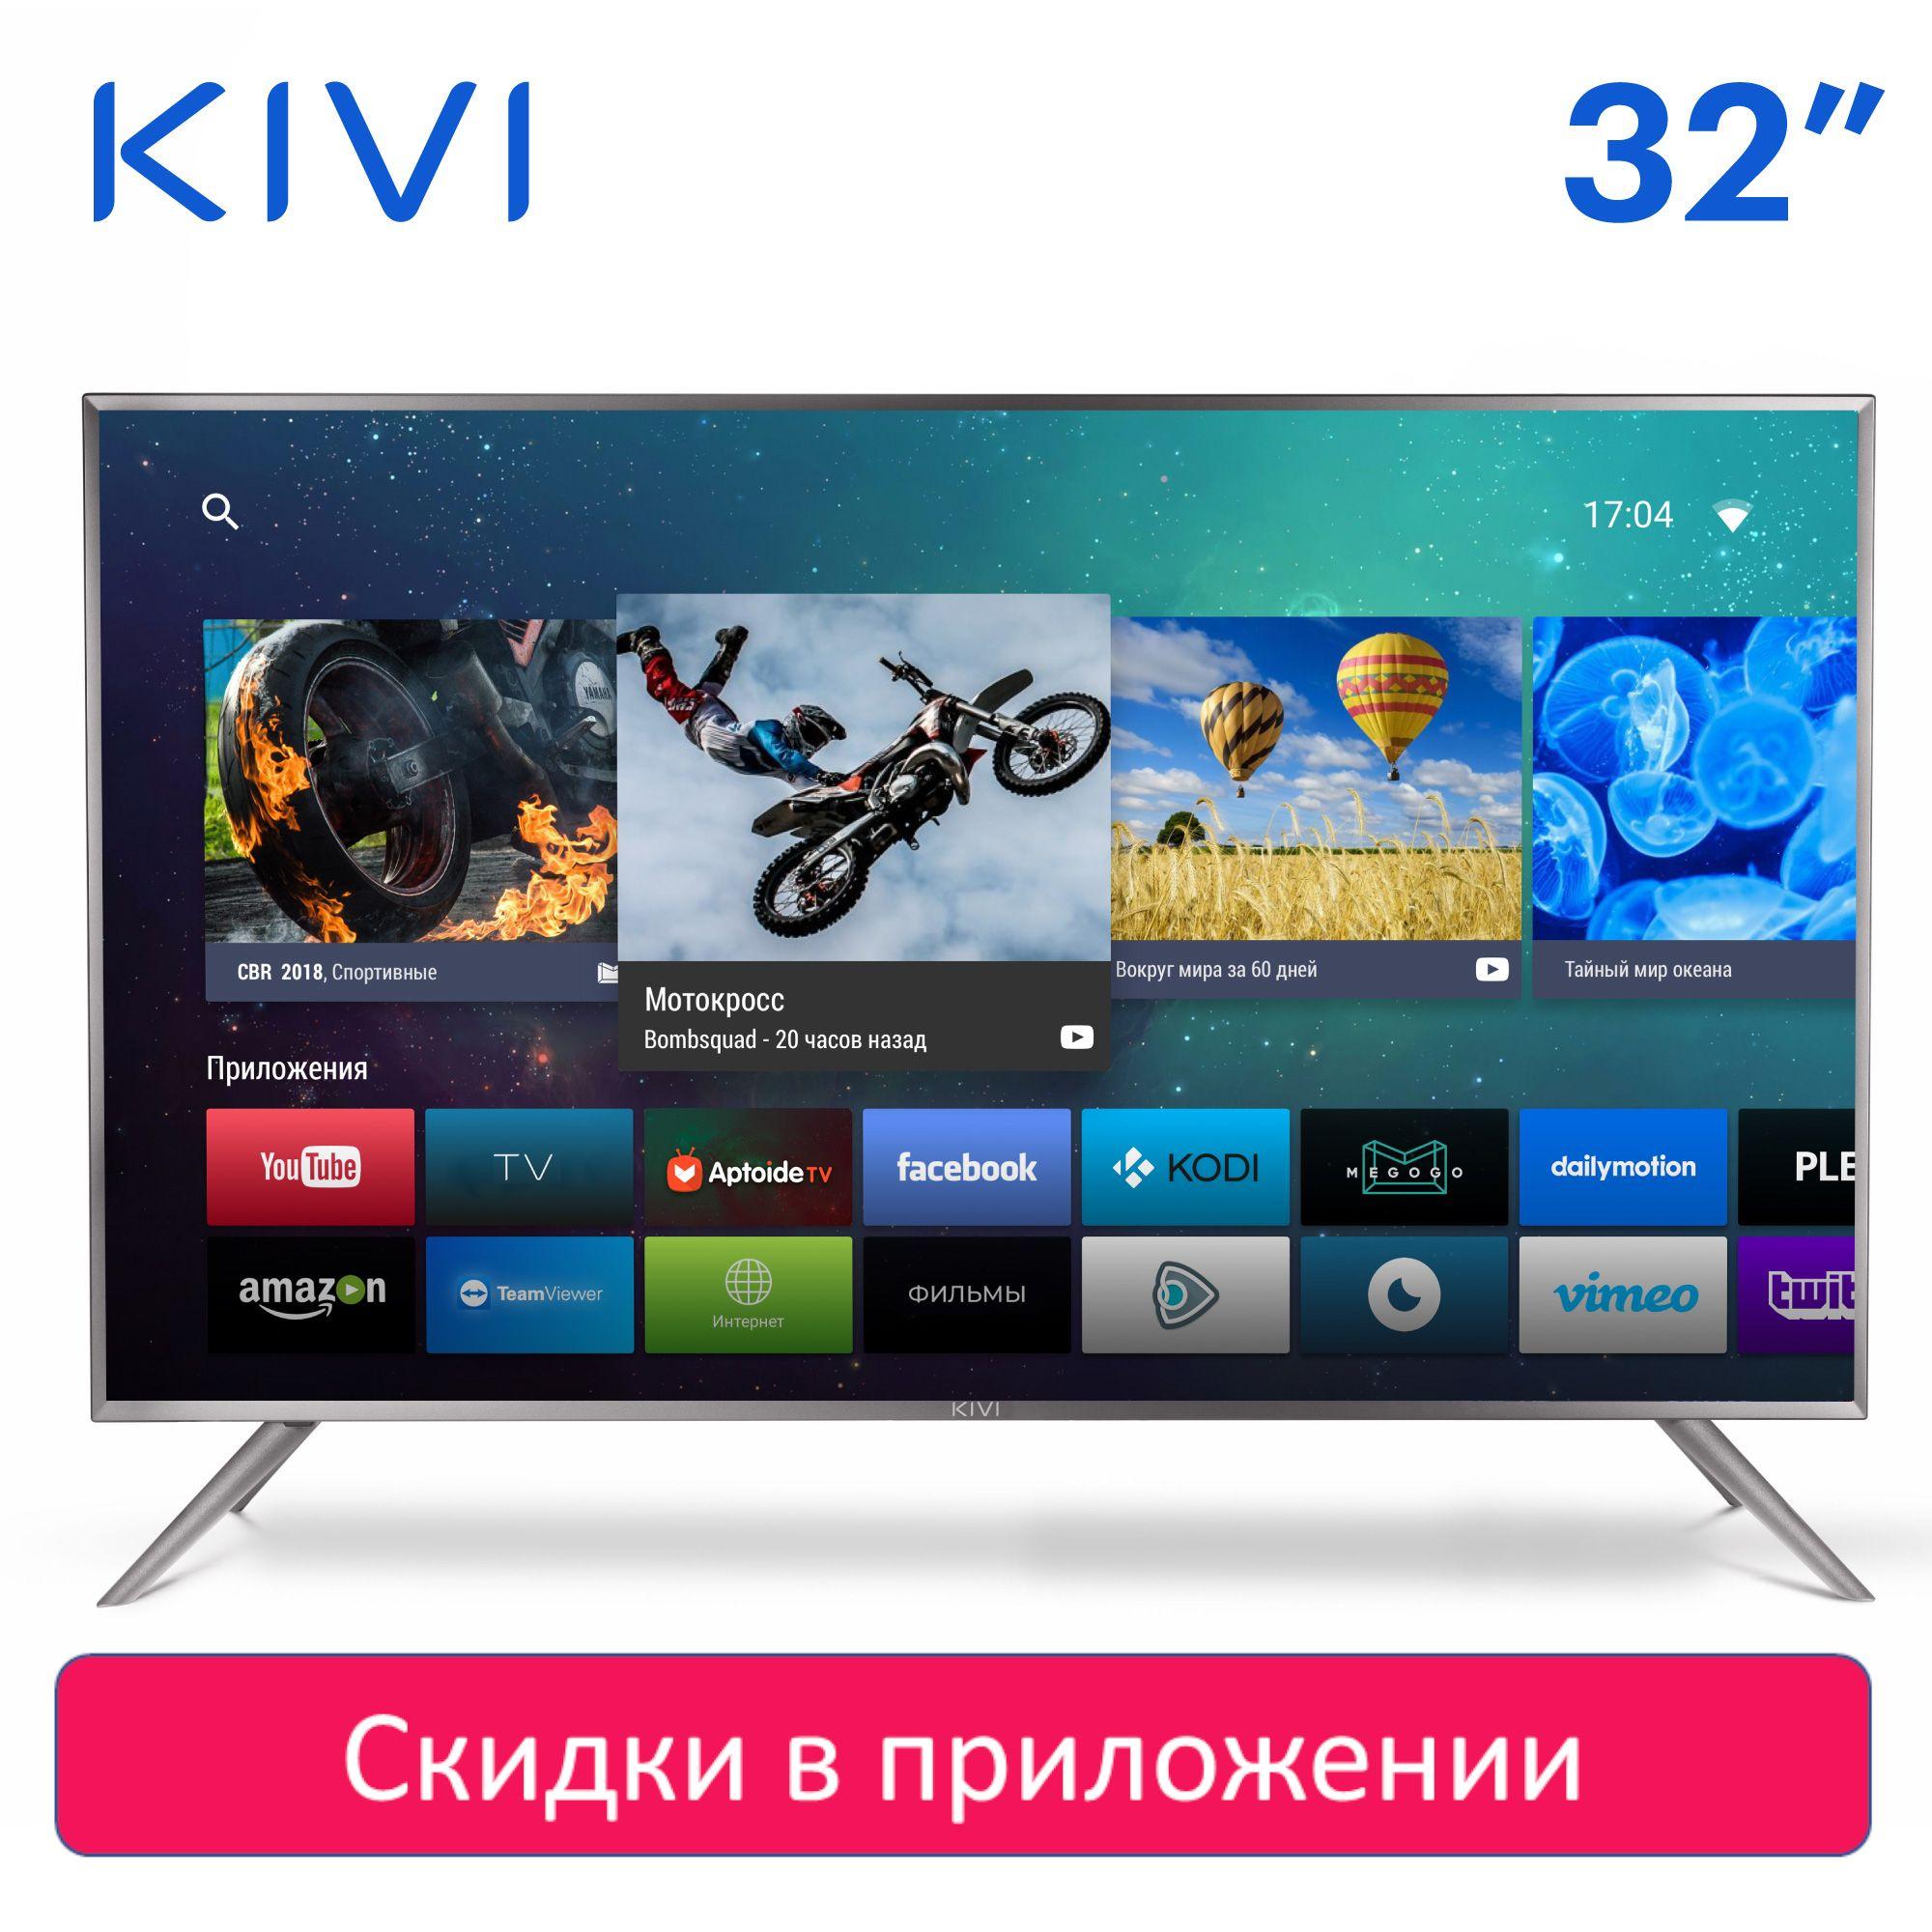 LED Fernsehen KIVI 32HR50GR HD Smart TV Android HDR 32inchTv digitale dvb dvb-t dvb-t2